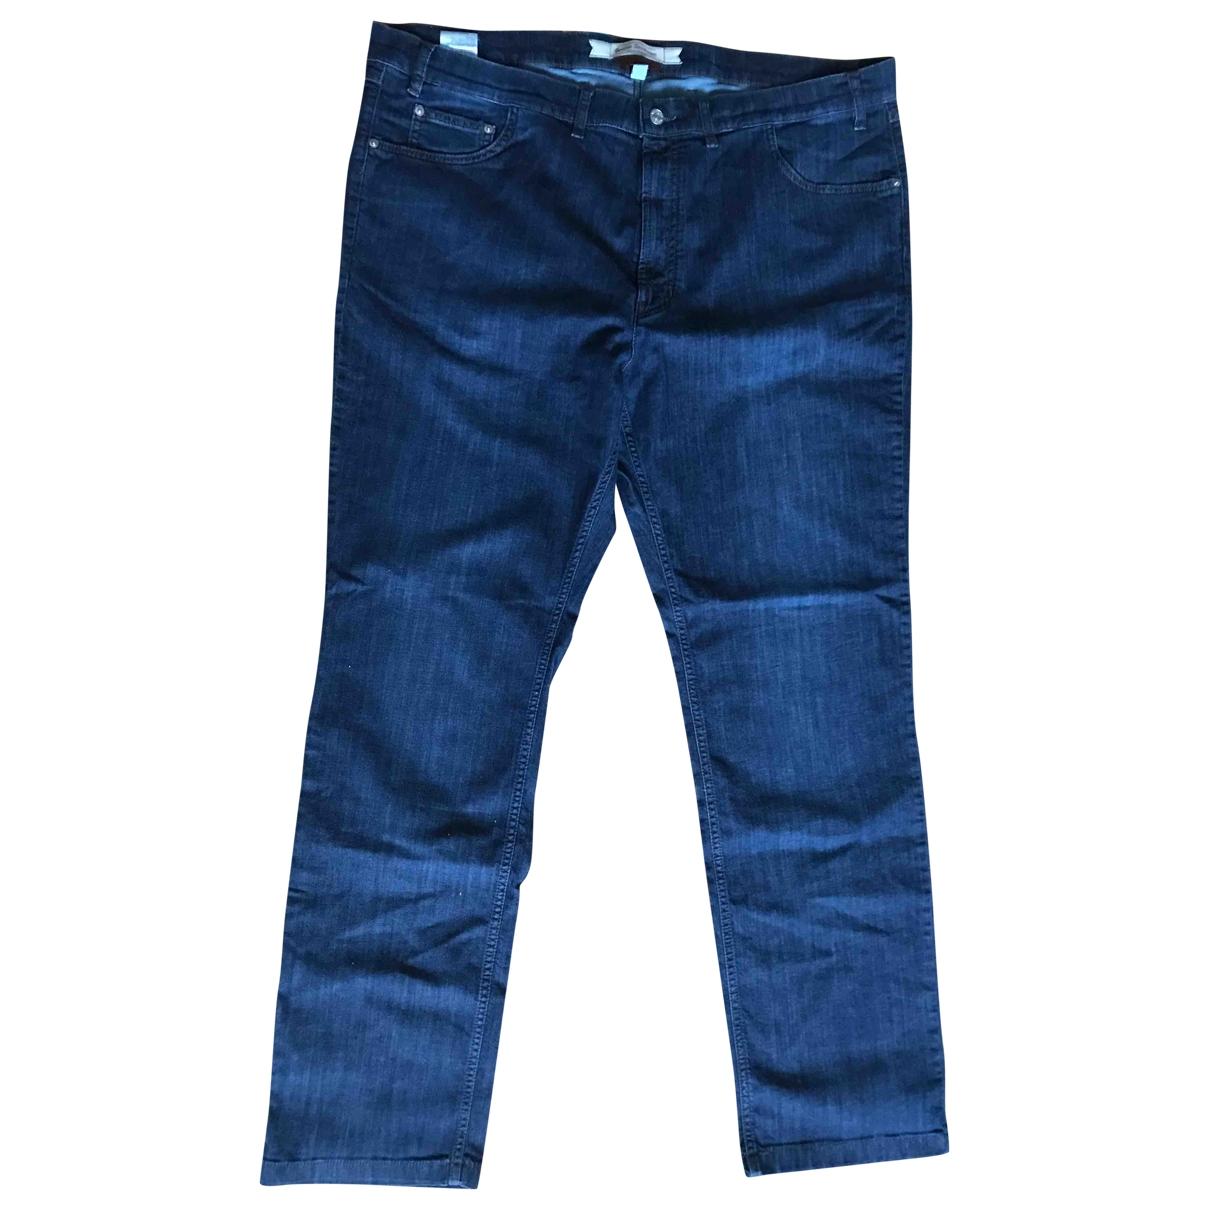 Bogner \N Blue Cotton - elasthane Jeans for Men 36 US